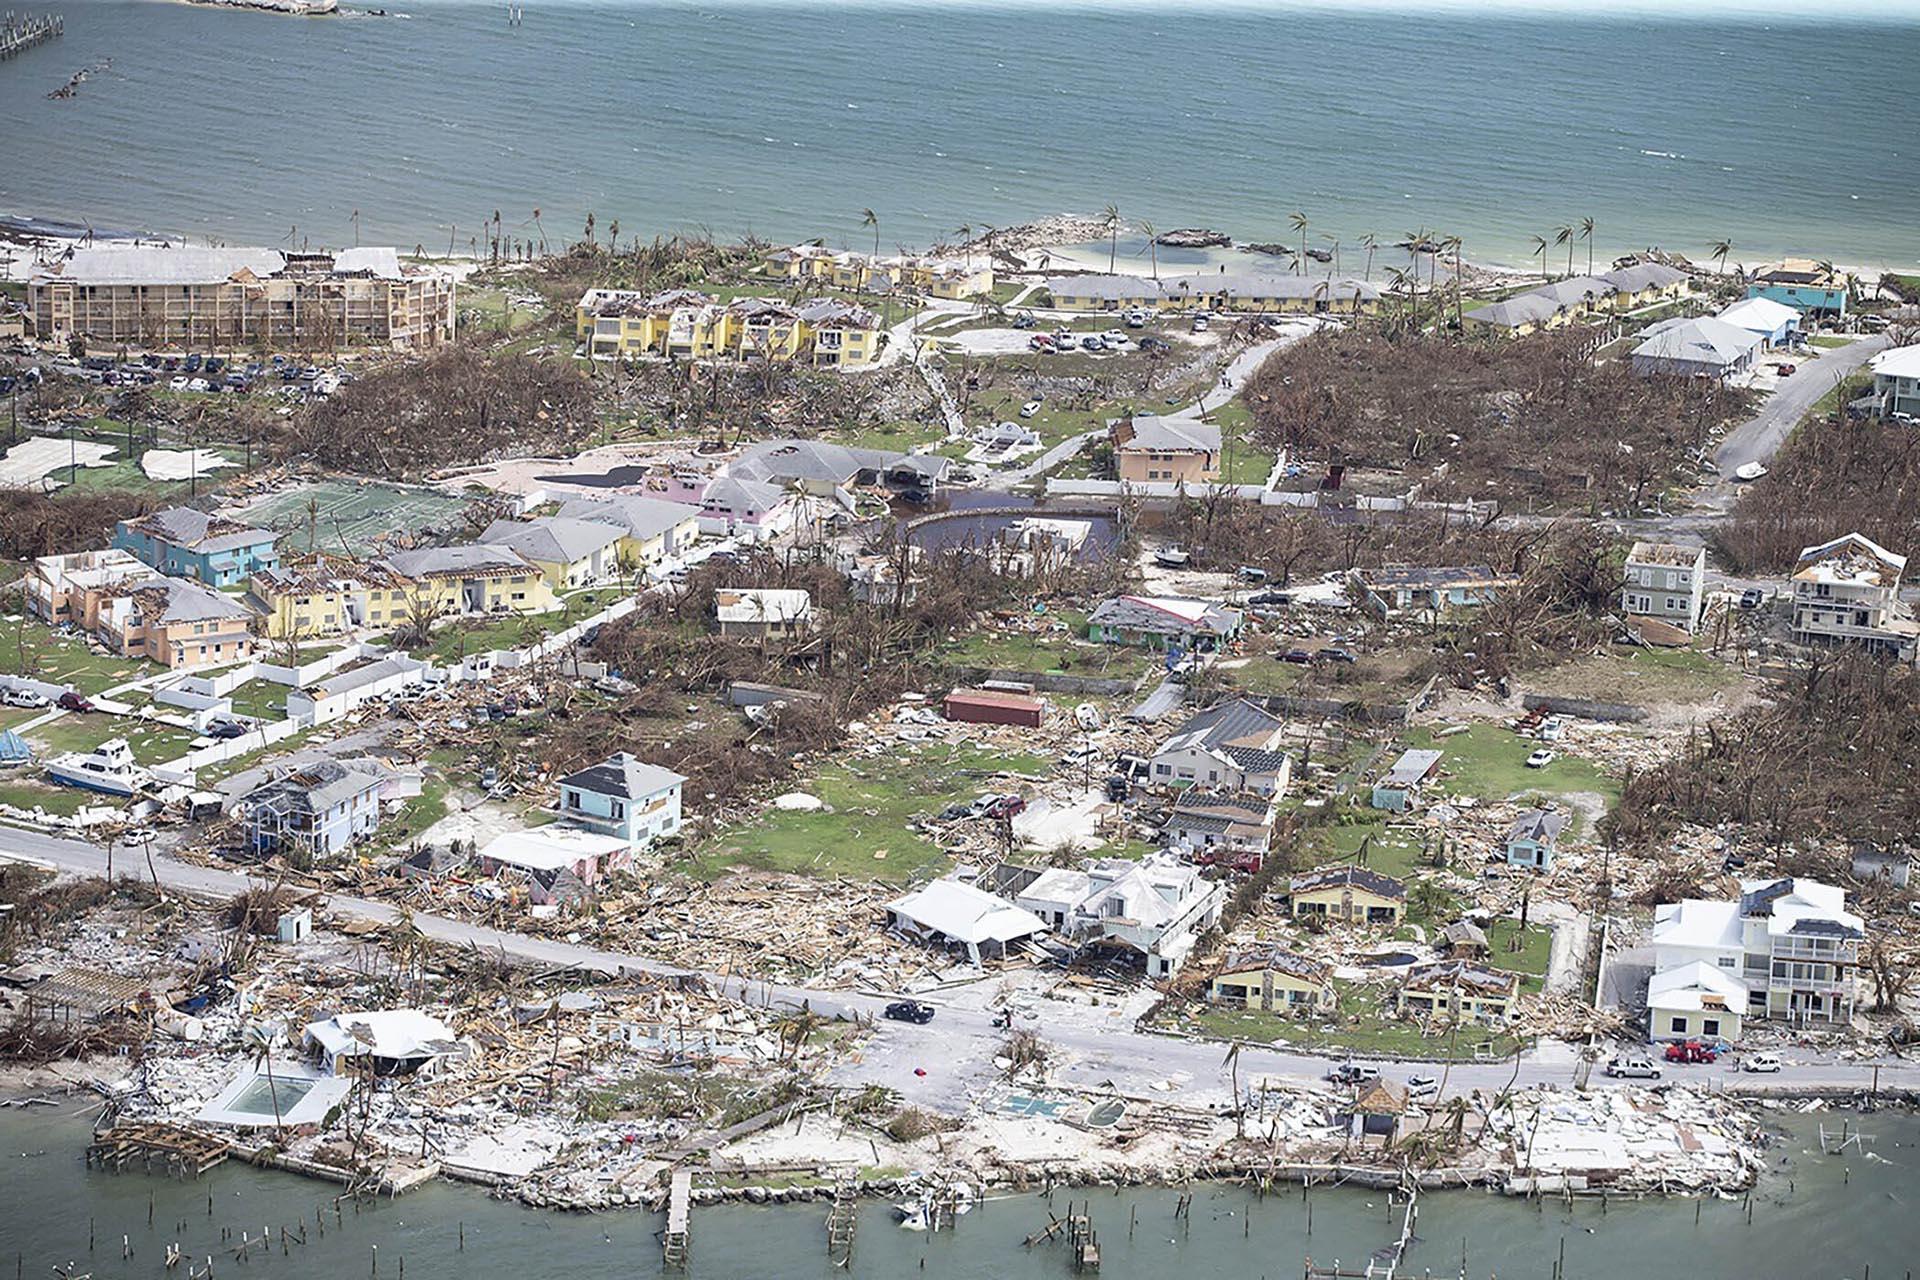 Destrucción del huracán Dorian en Marsh Harbour, Bahamas, el miércoles 4 de septiembre de 2019